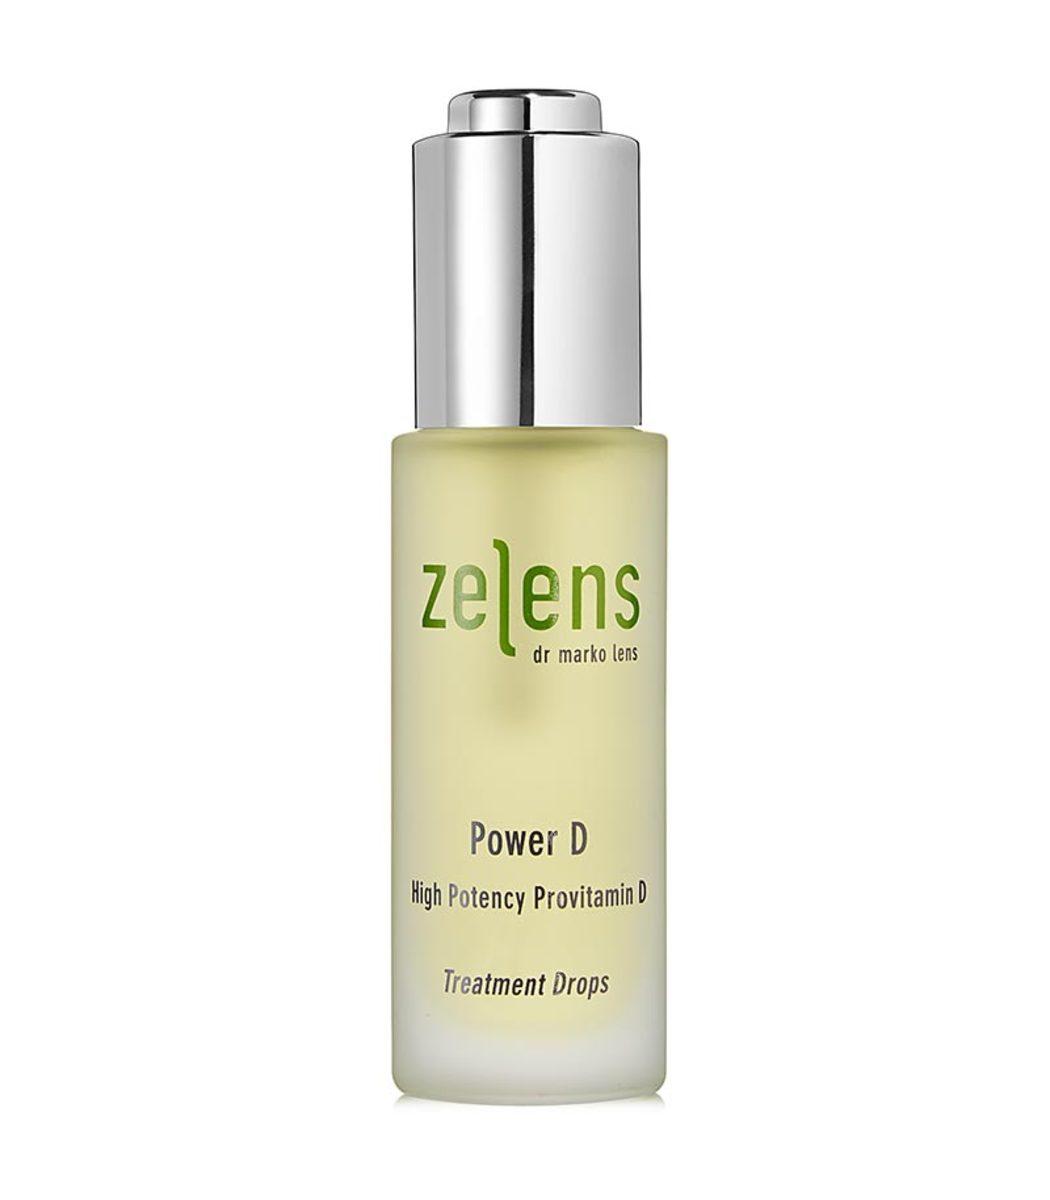 ZELENS Power D High Potency Vitamin D Treatment Drops